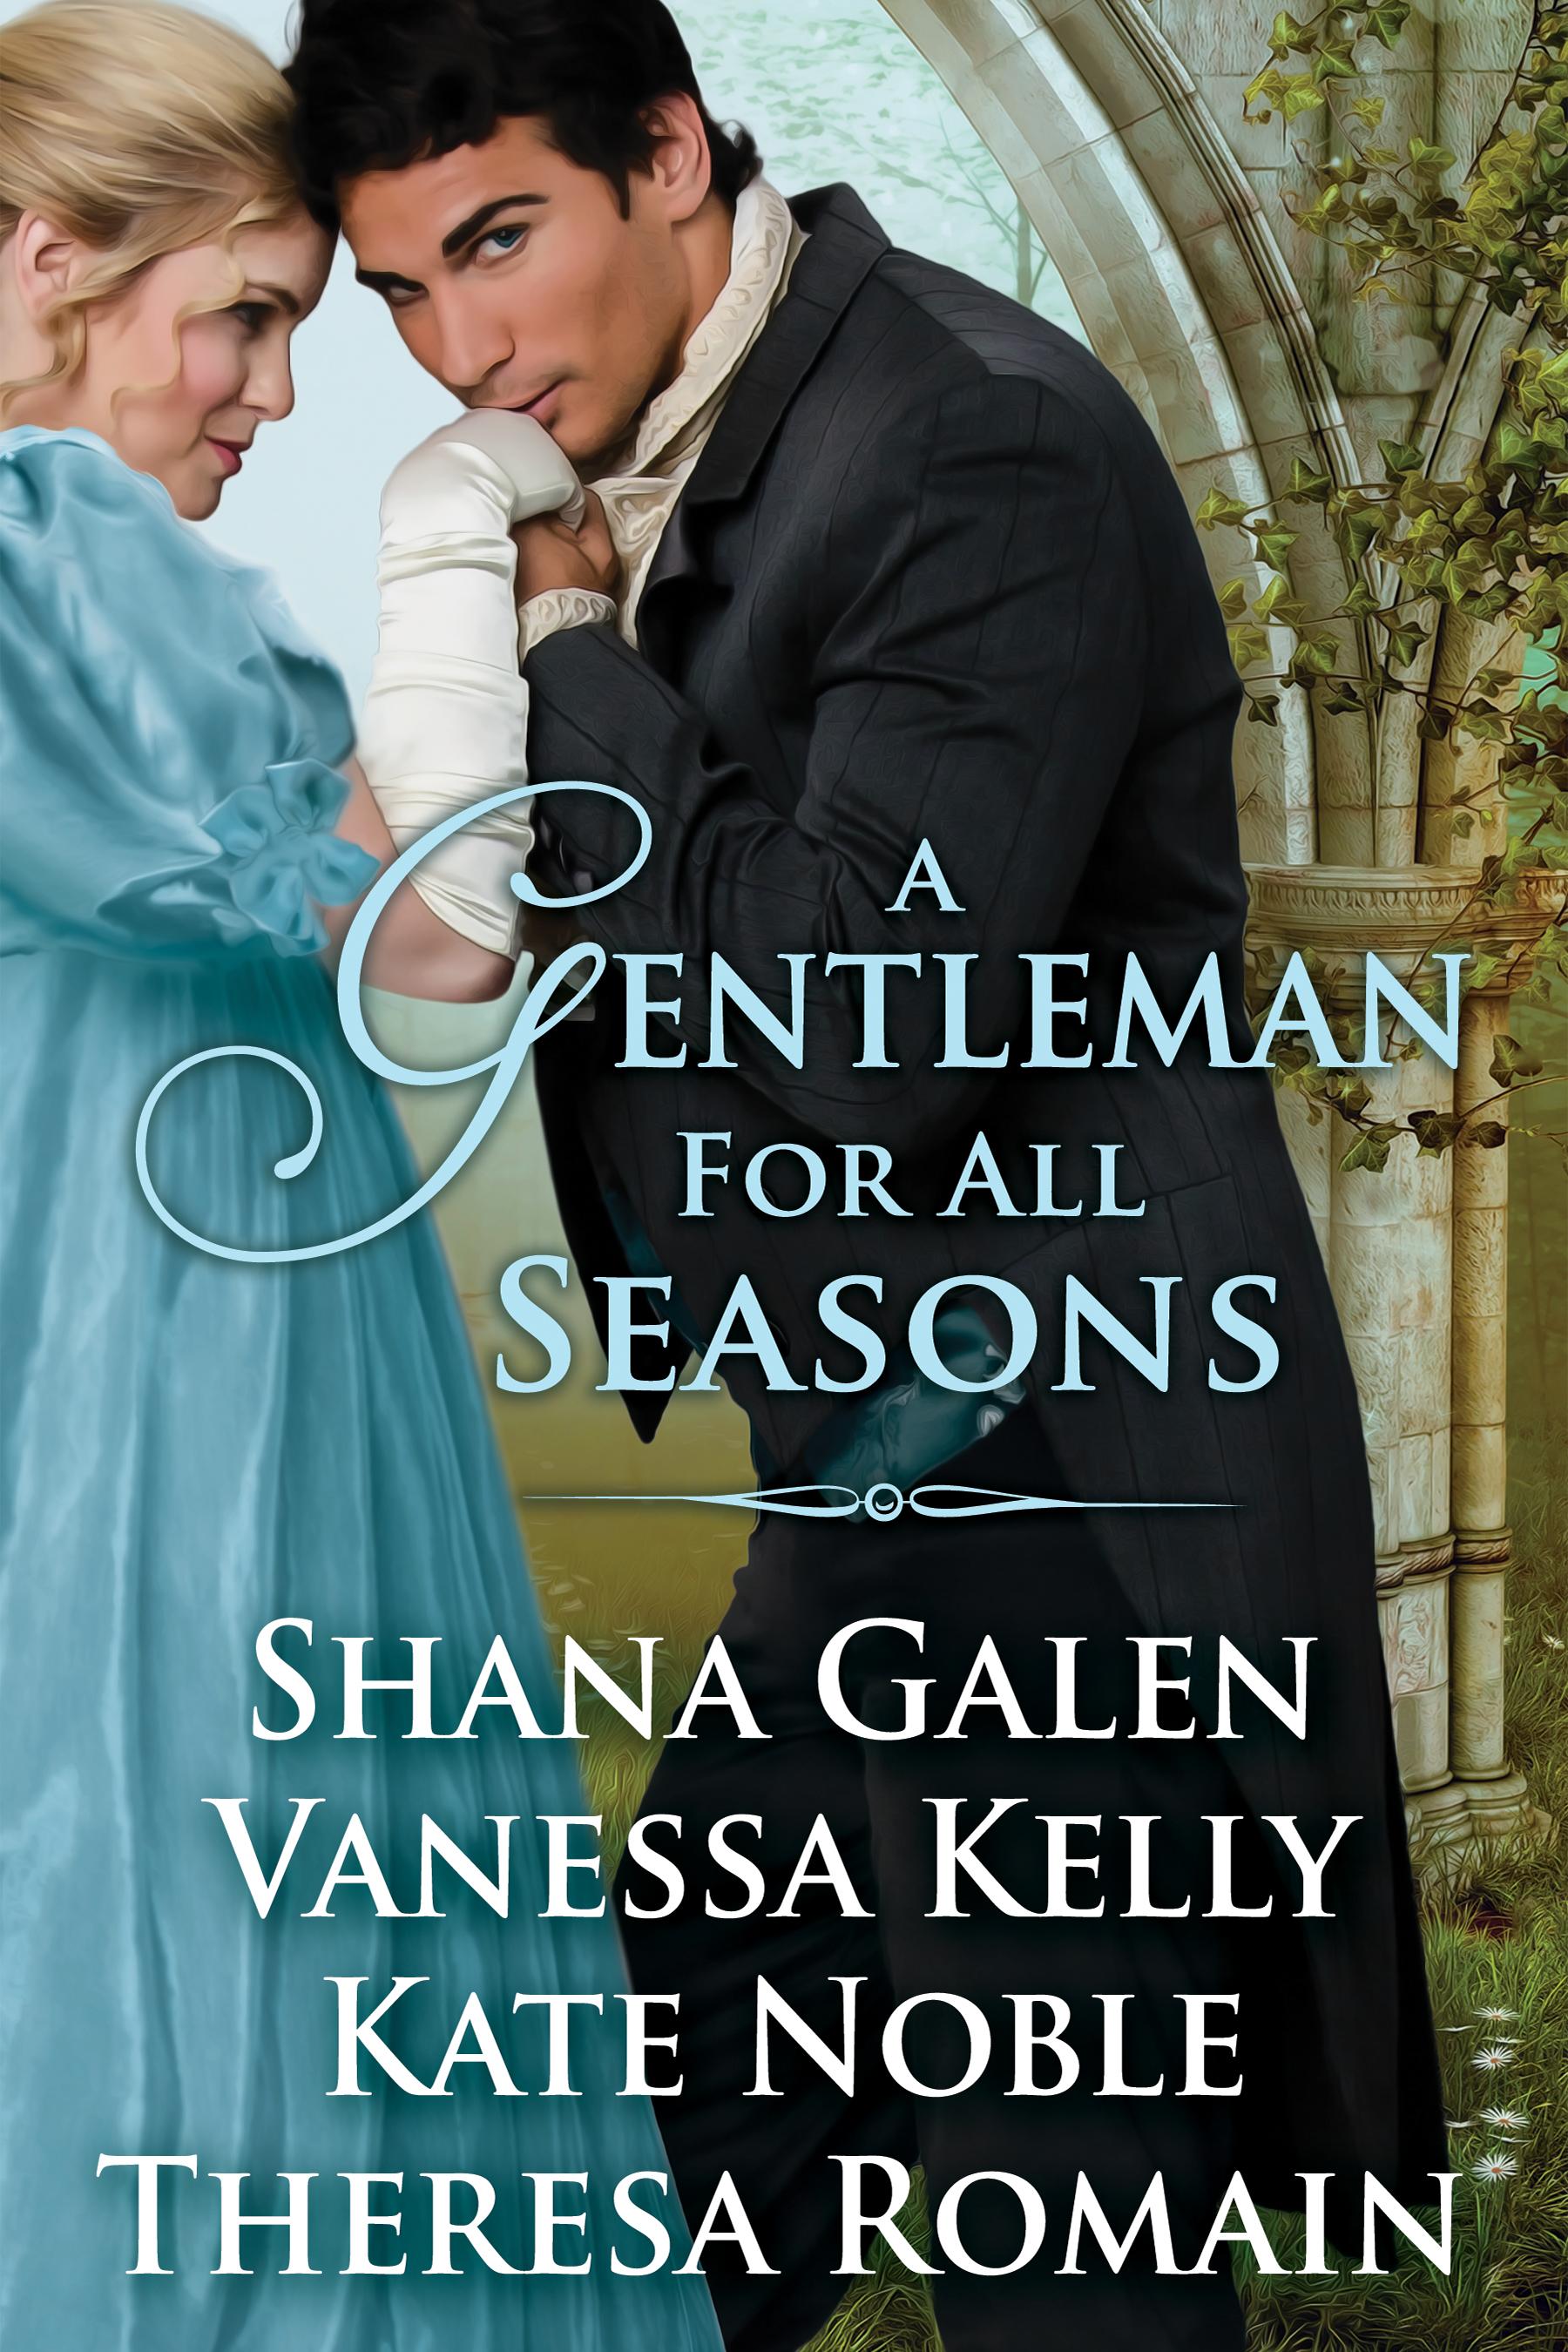 A Gentleman for All Seasons (final).jpg